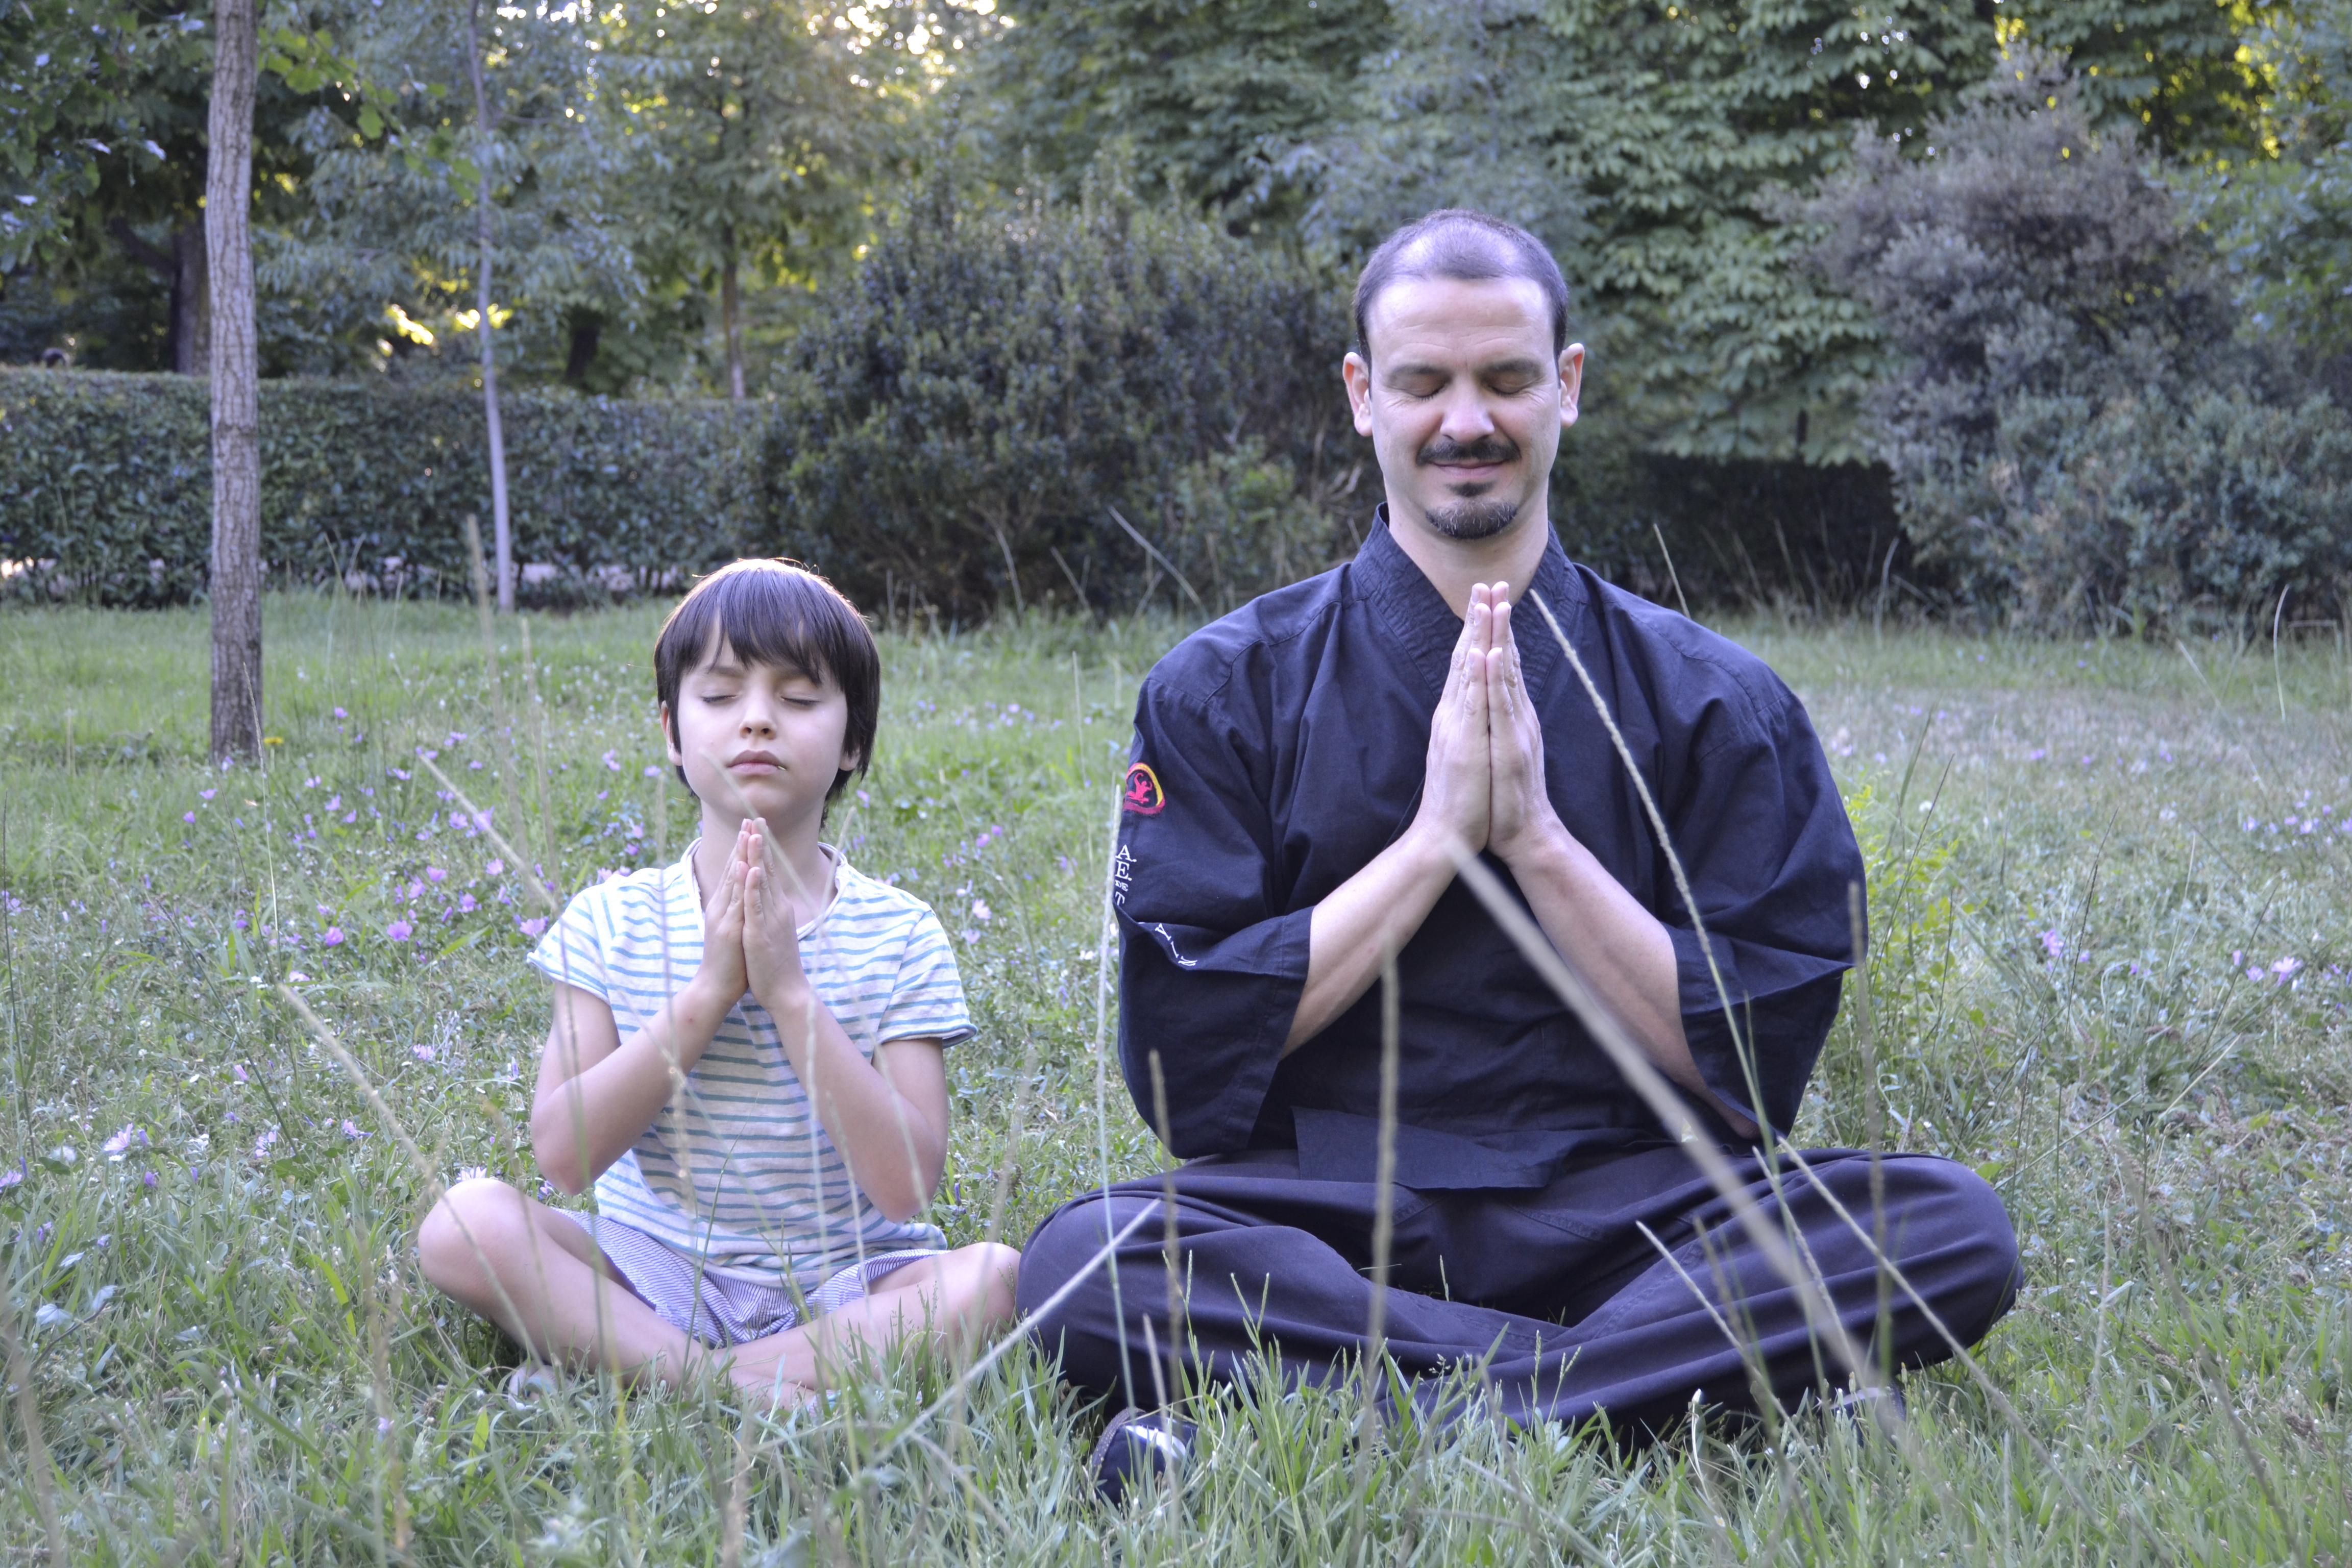 03-omar-y-angel-meditando-retiro